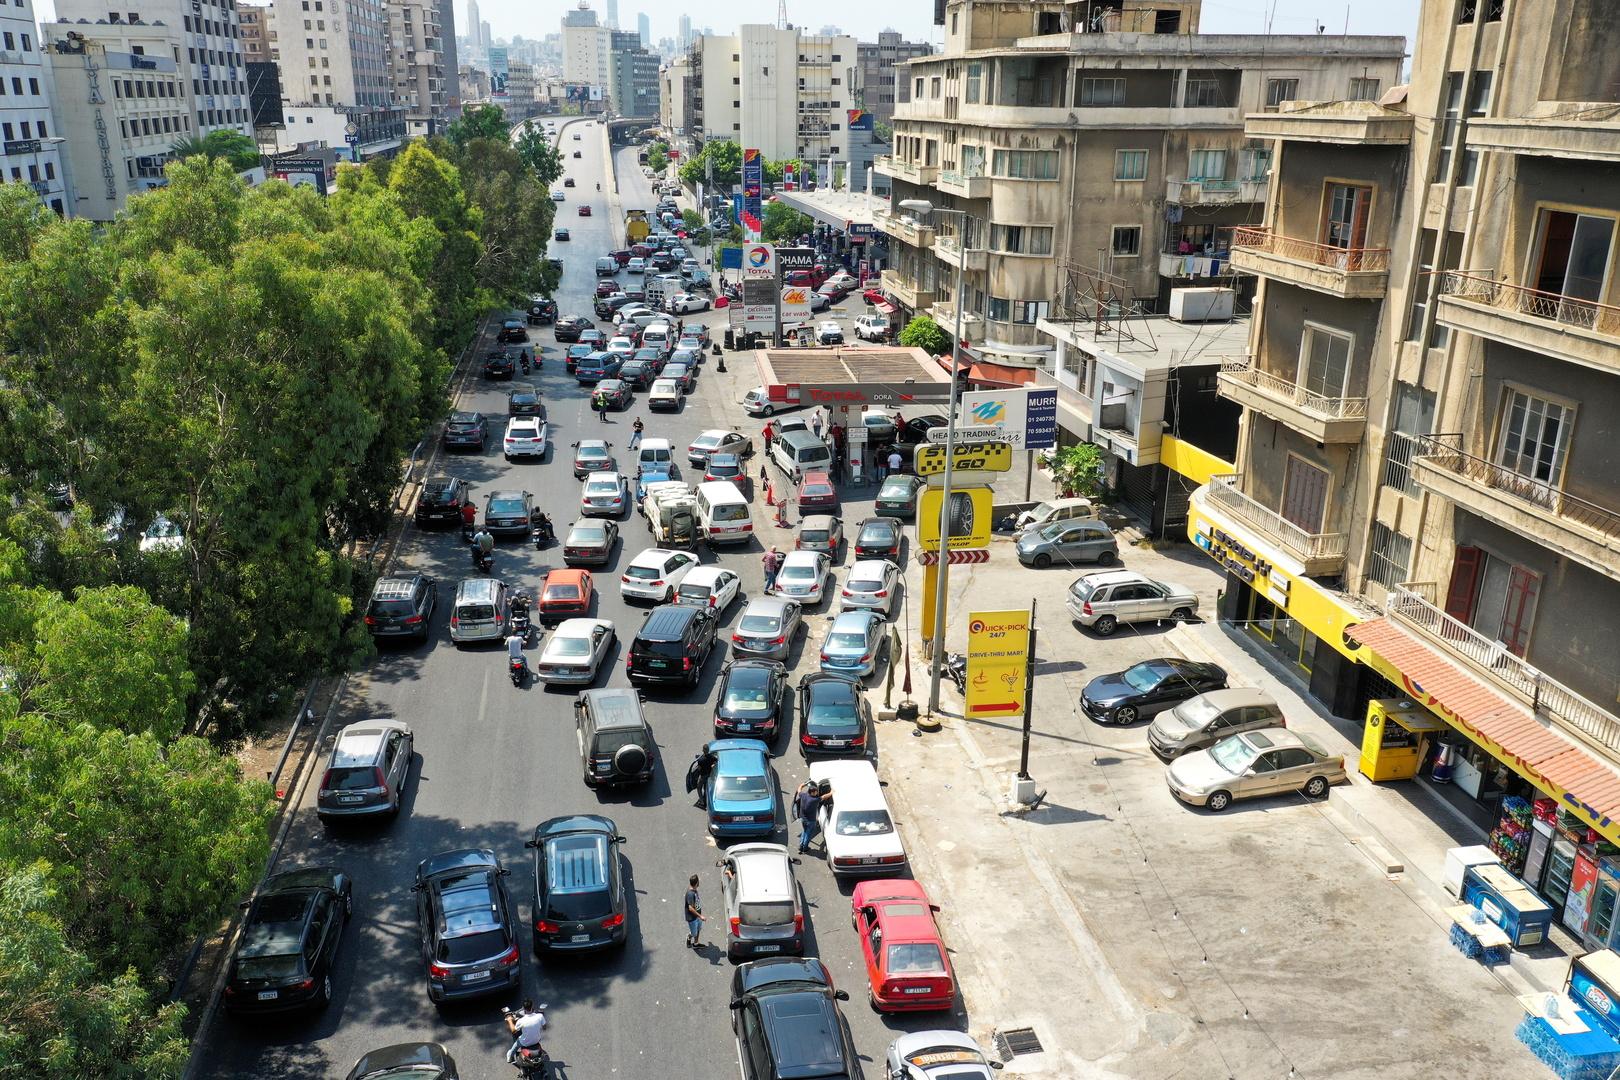 الحكومة اللبنانية تطلق البطاقة التمويلية لمساندة العائلات الأكثر فقرا